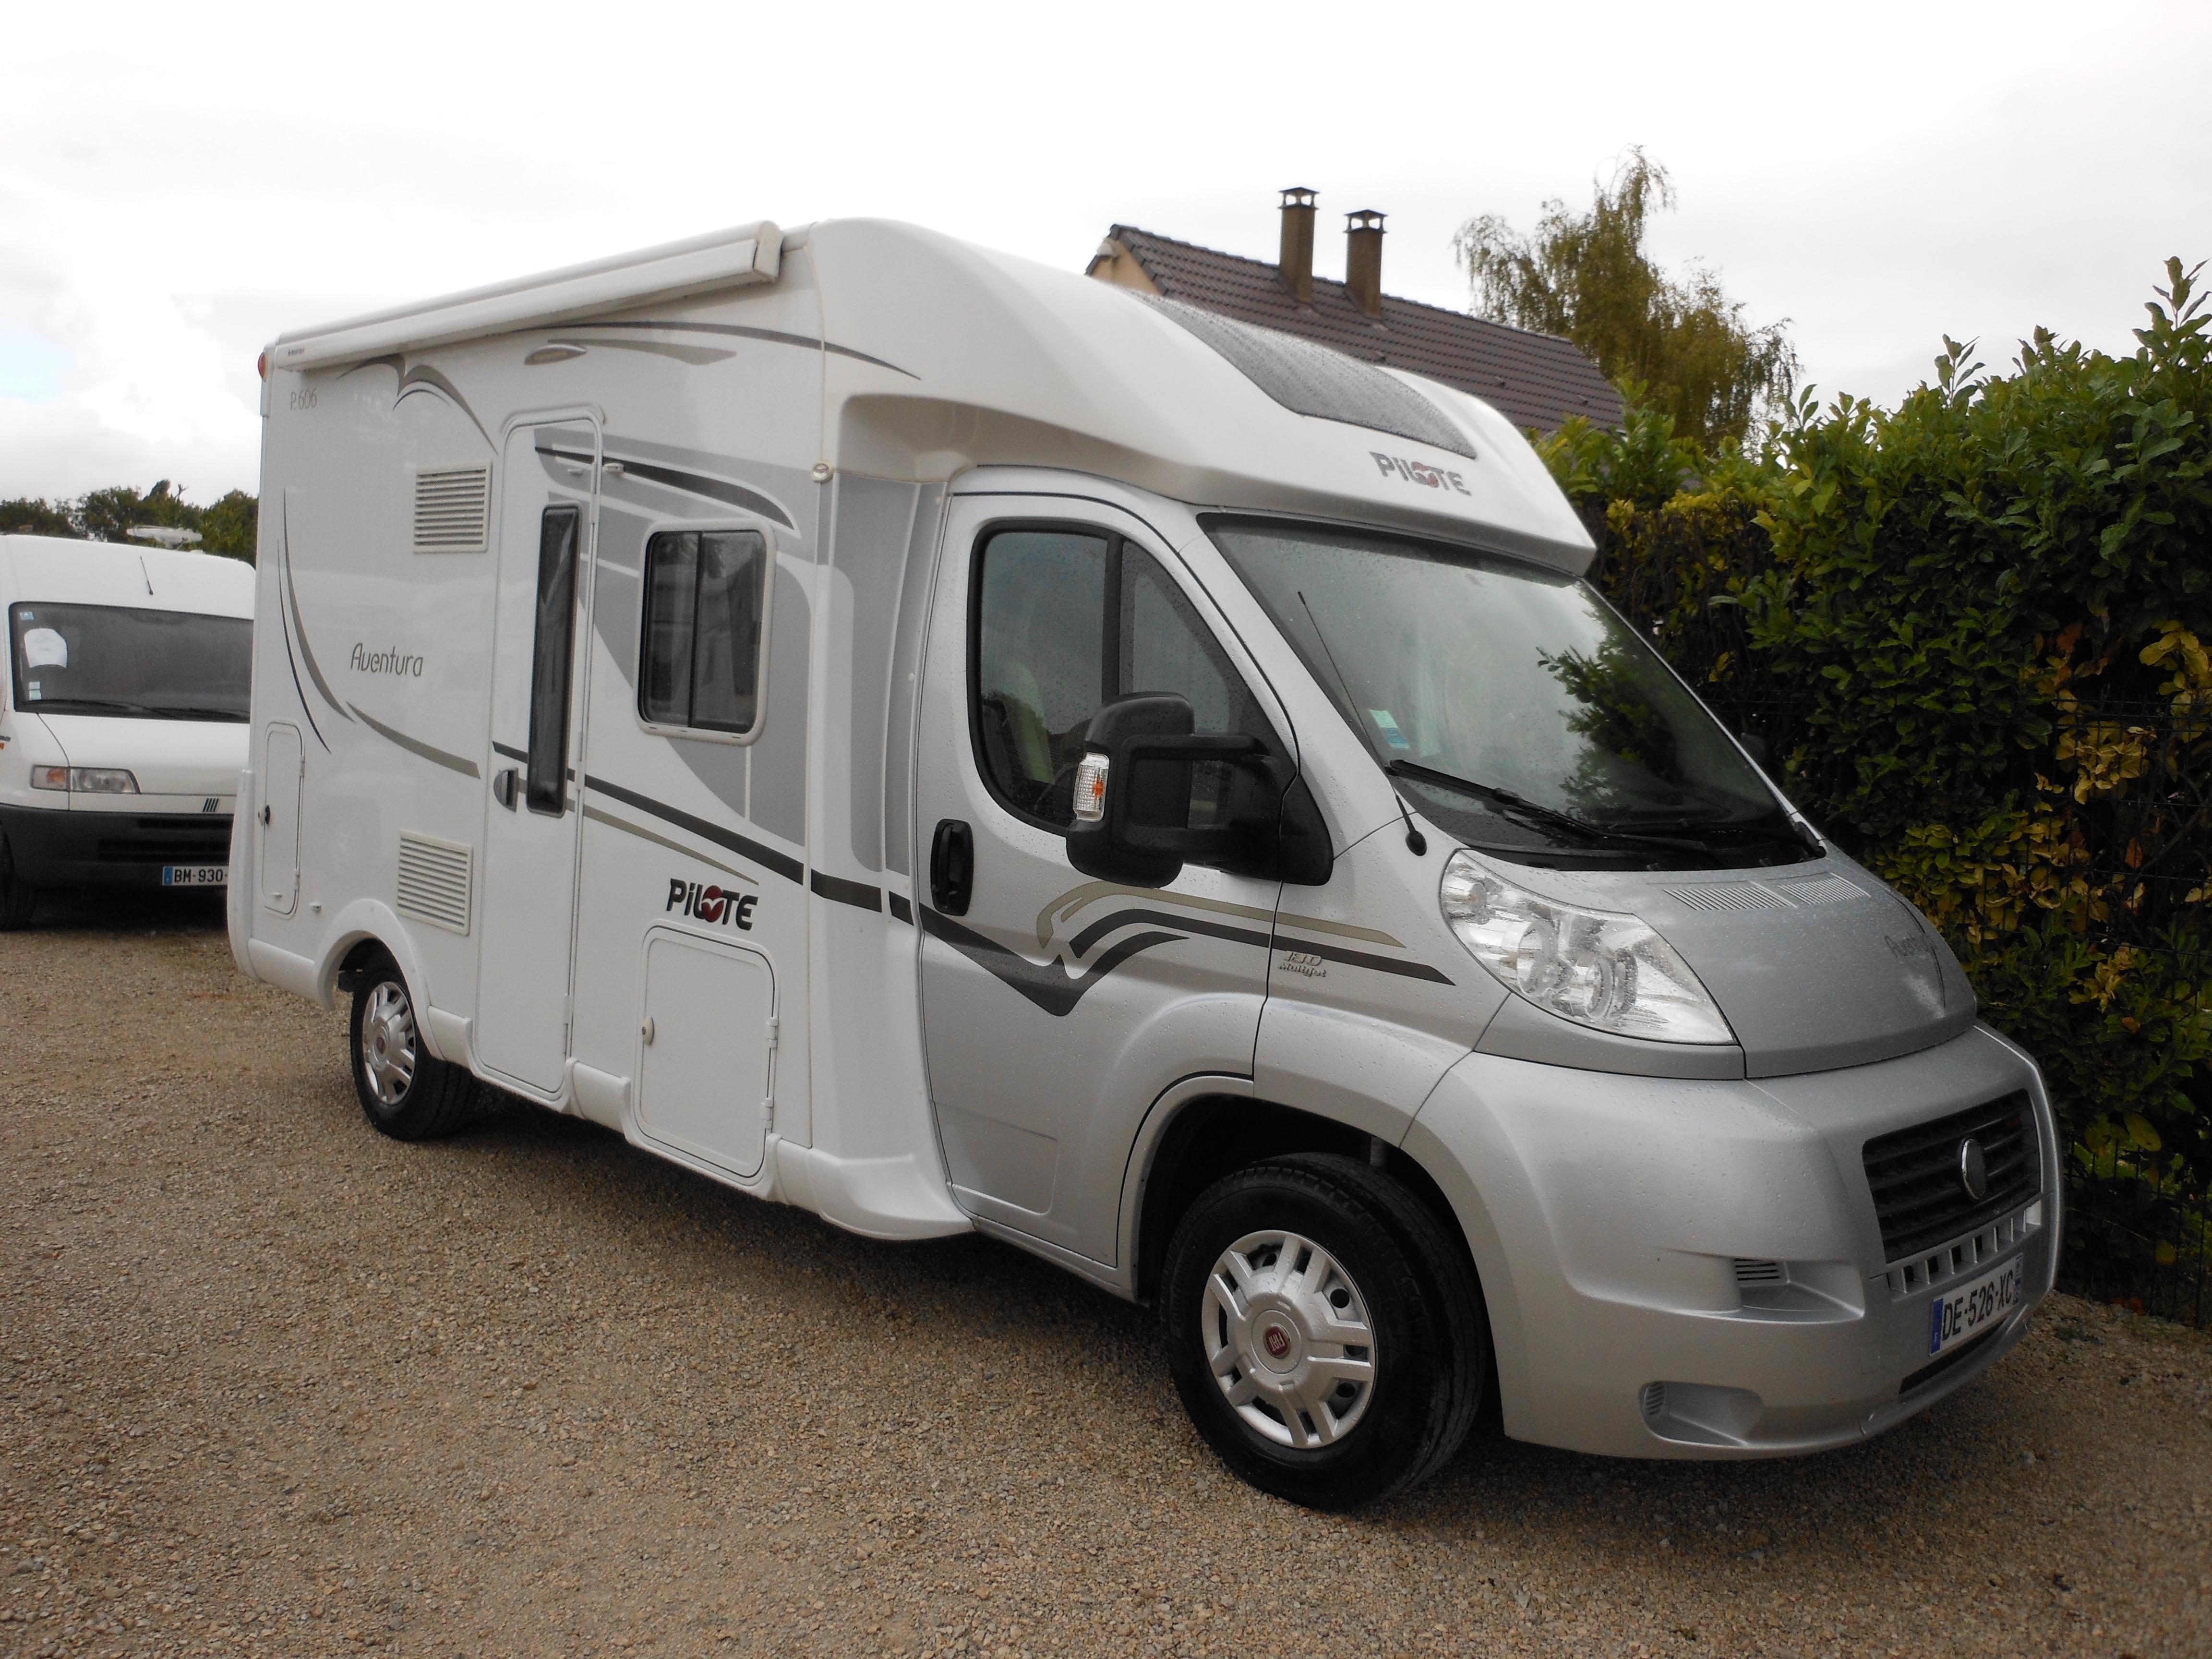 pilote p 606 l occasion de 2014 fiat camping car en vente saint pouange troyes aube 10. Black Bedroom Furniture Sets. Home Design Ideas